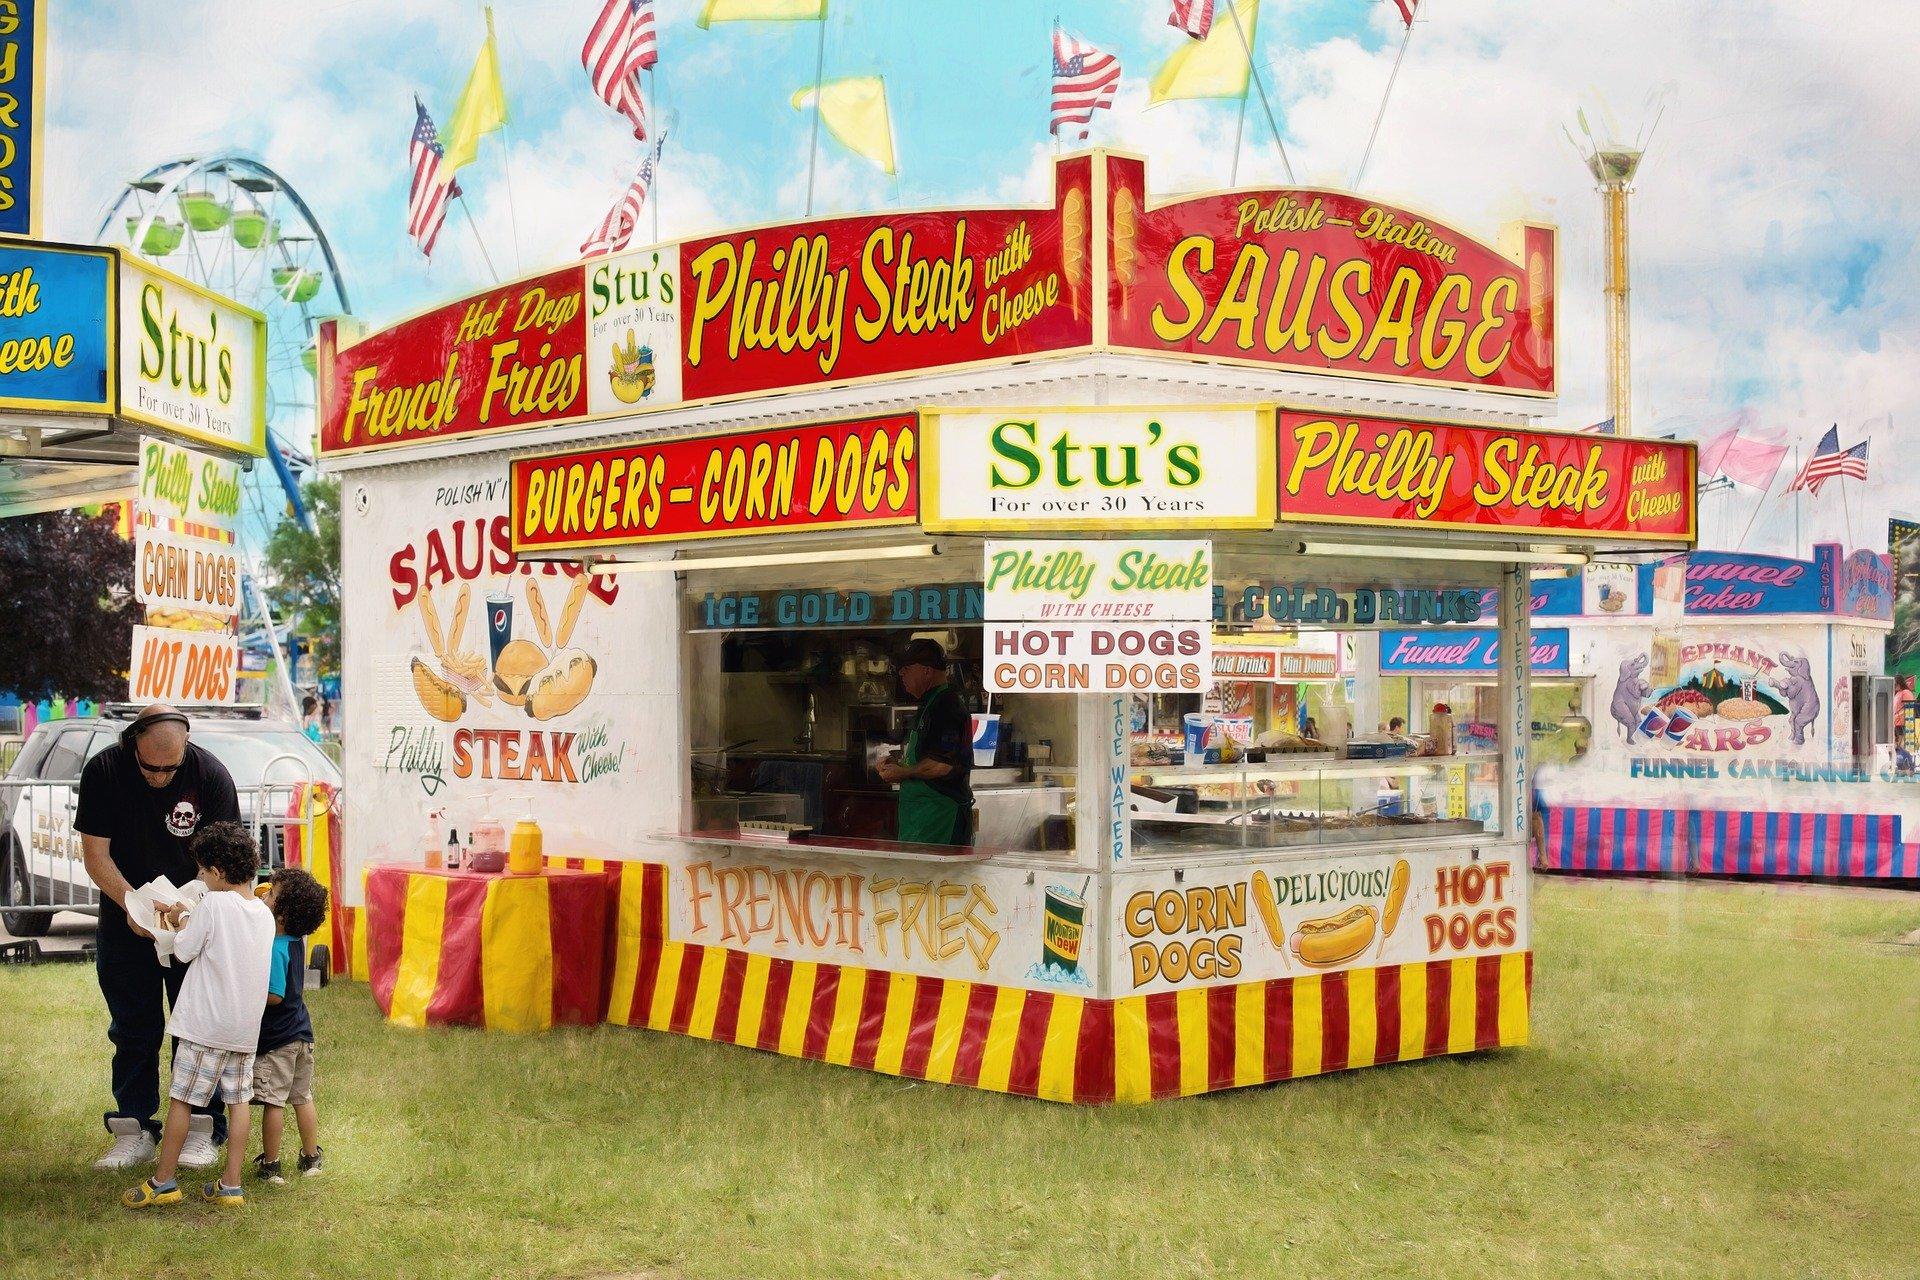 Carnival vendor selling sandwiches